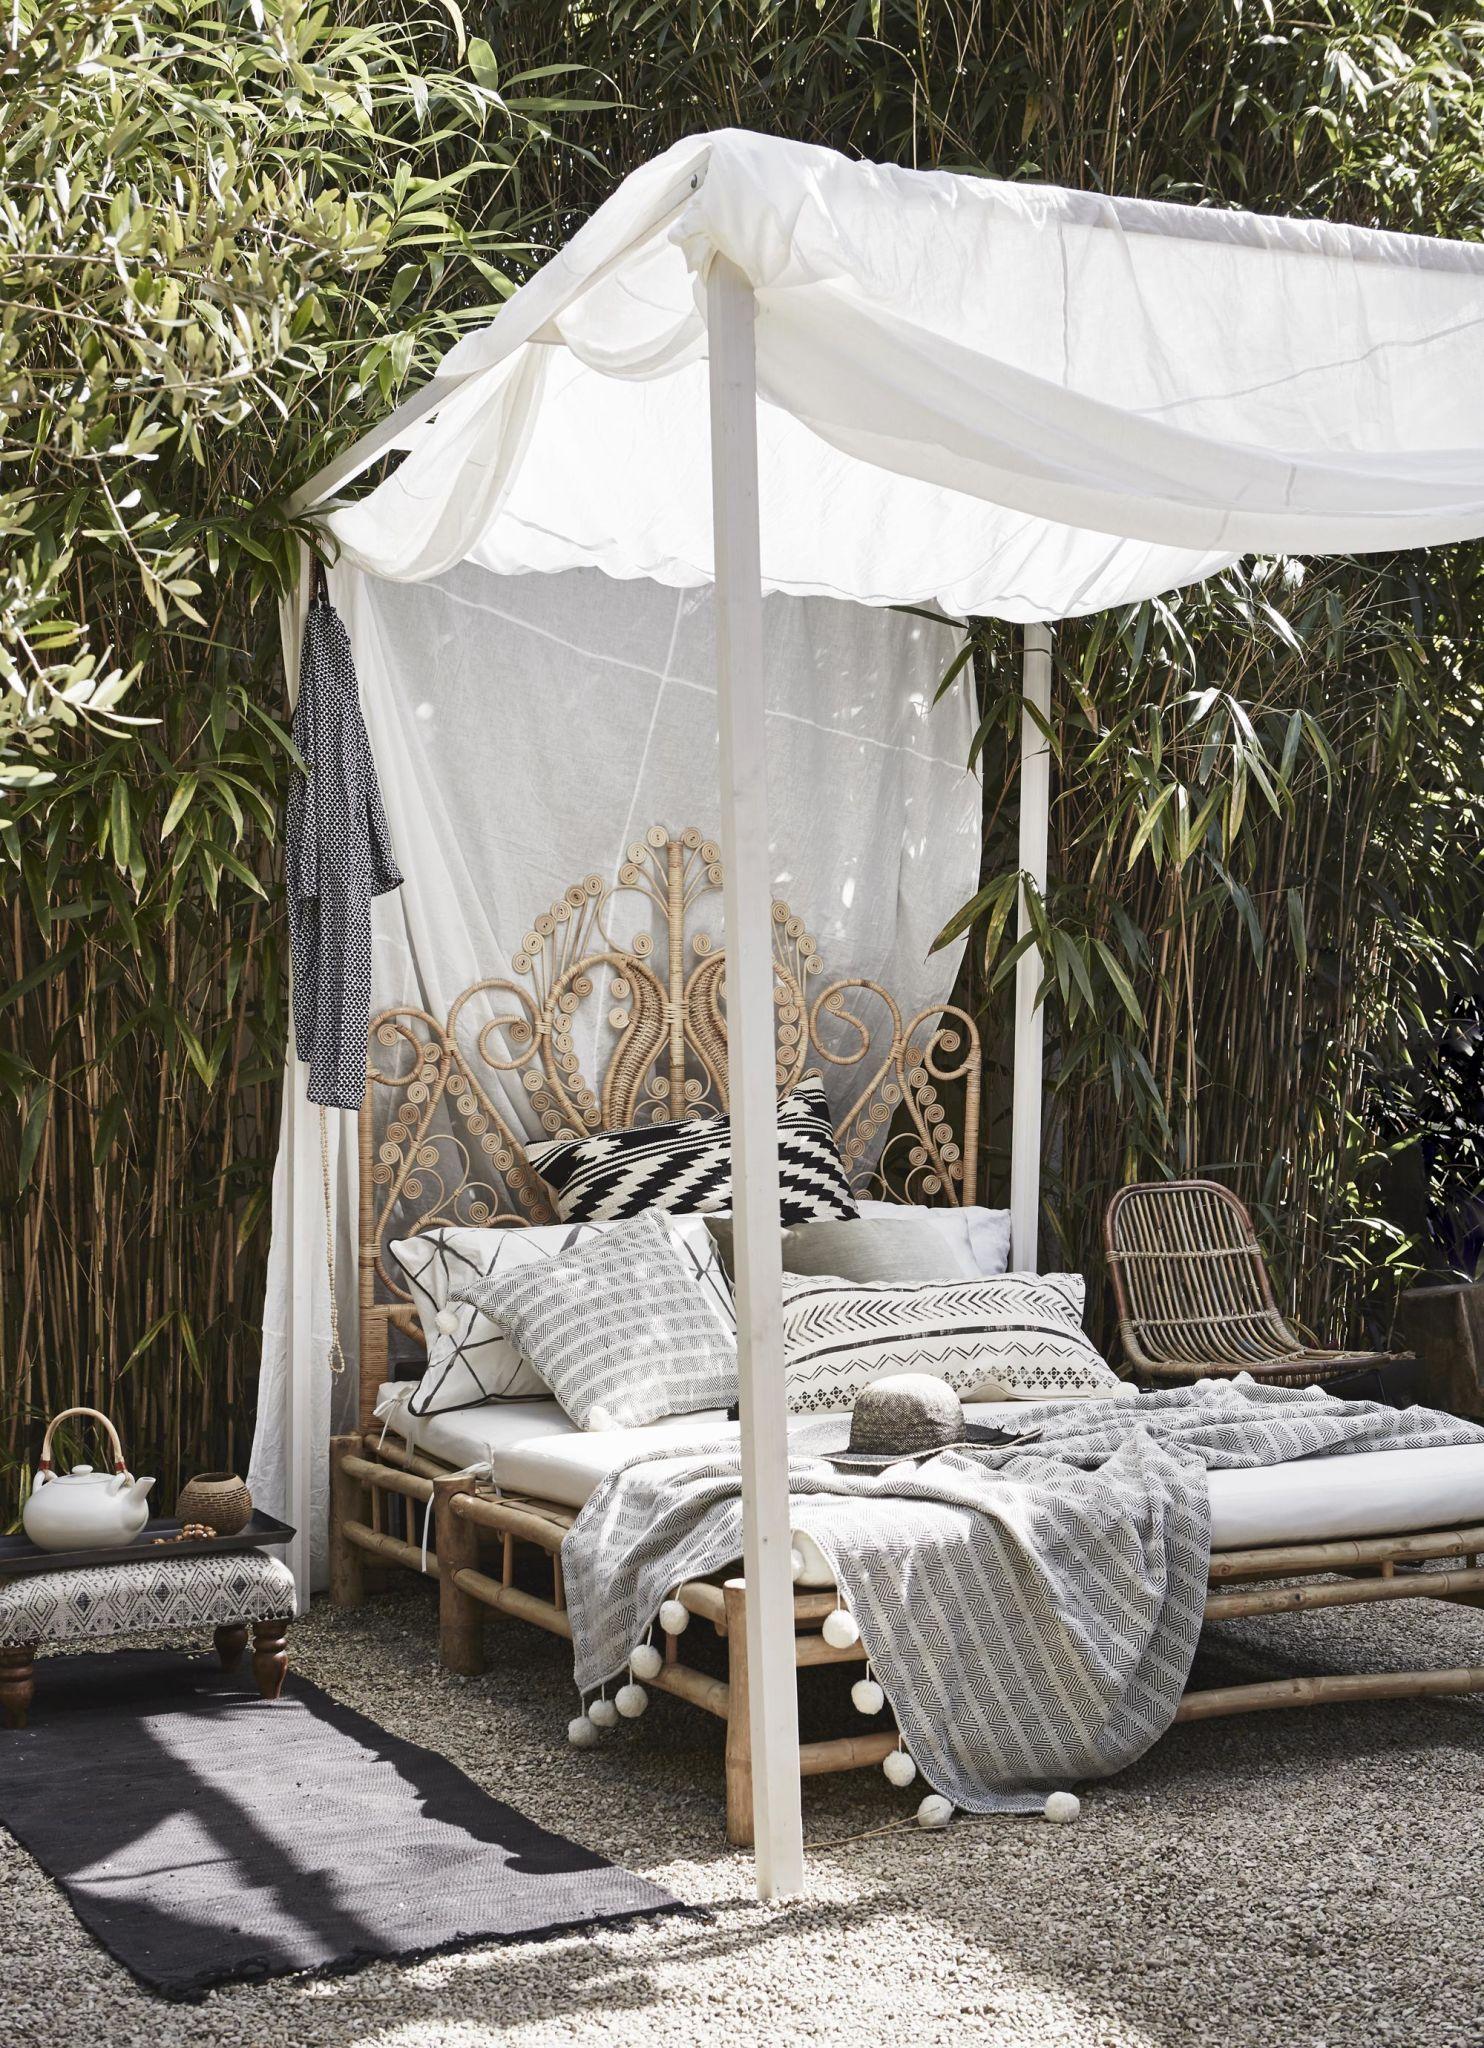 DIY Outdoor Bed & DIY Outdoor Bed | Garden and Outdoor Tips and Tutorials ...